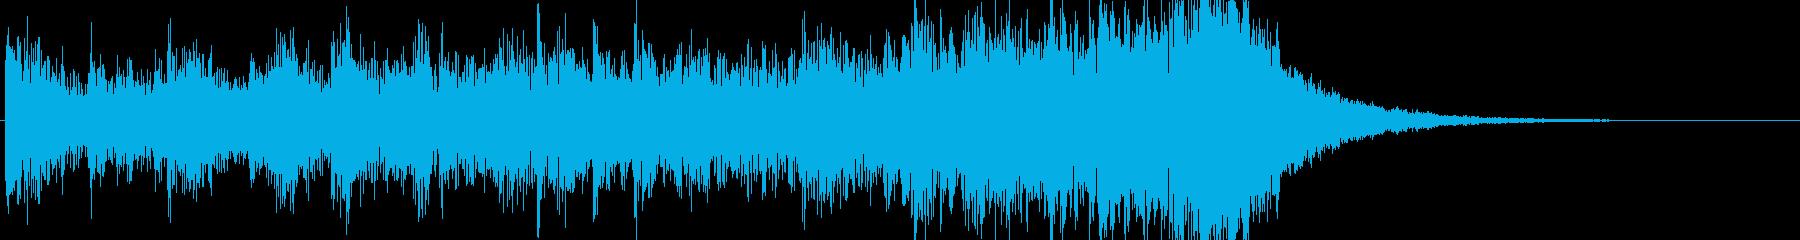 約8秒でシンバルが鳴るドラムロールの再生済みの波形